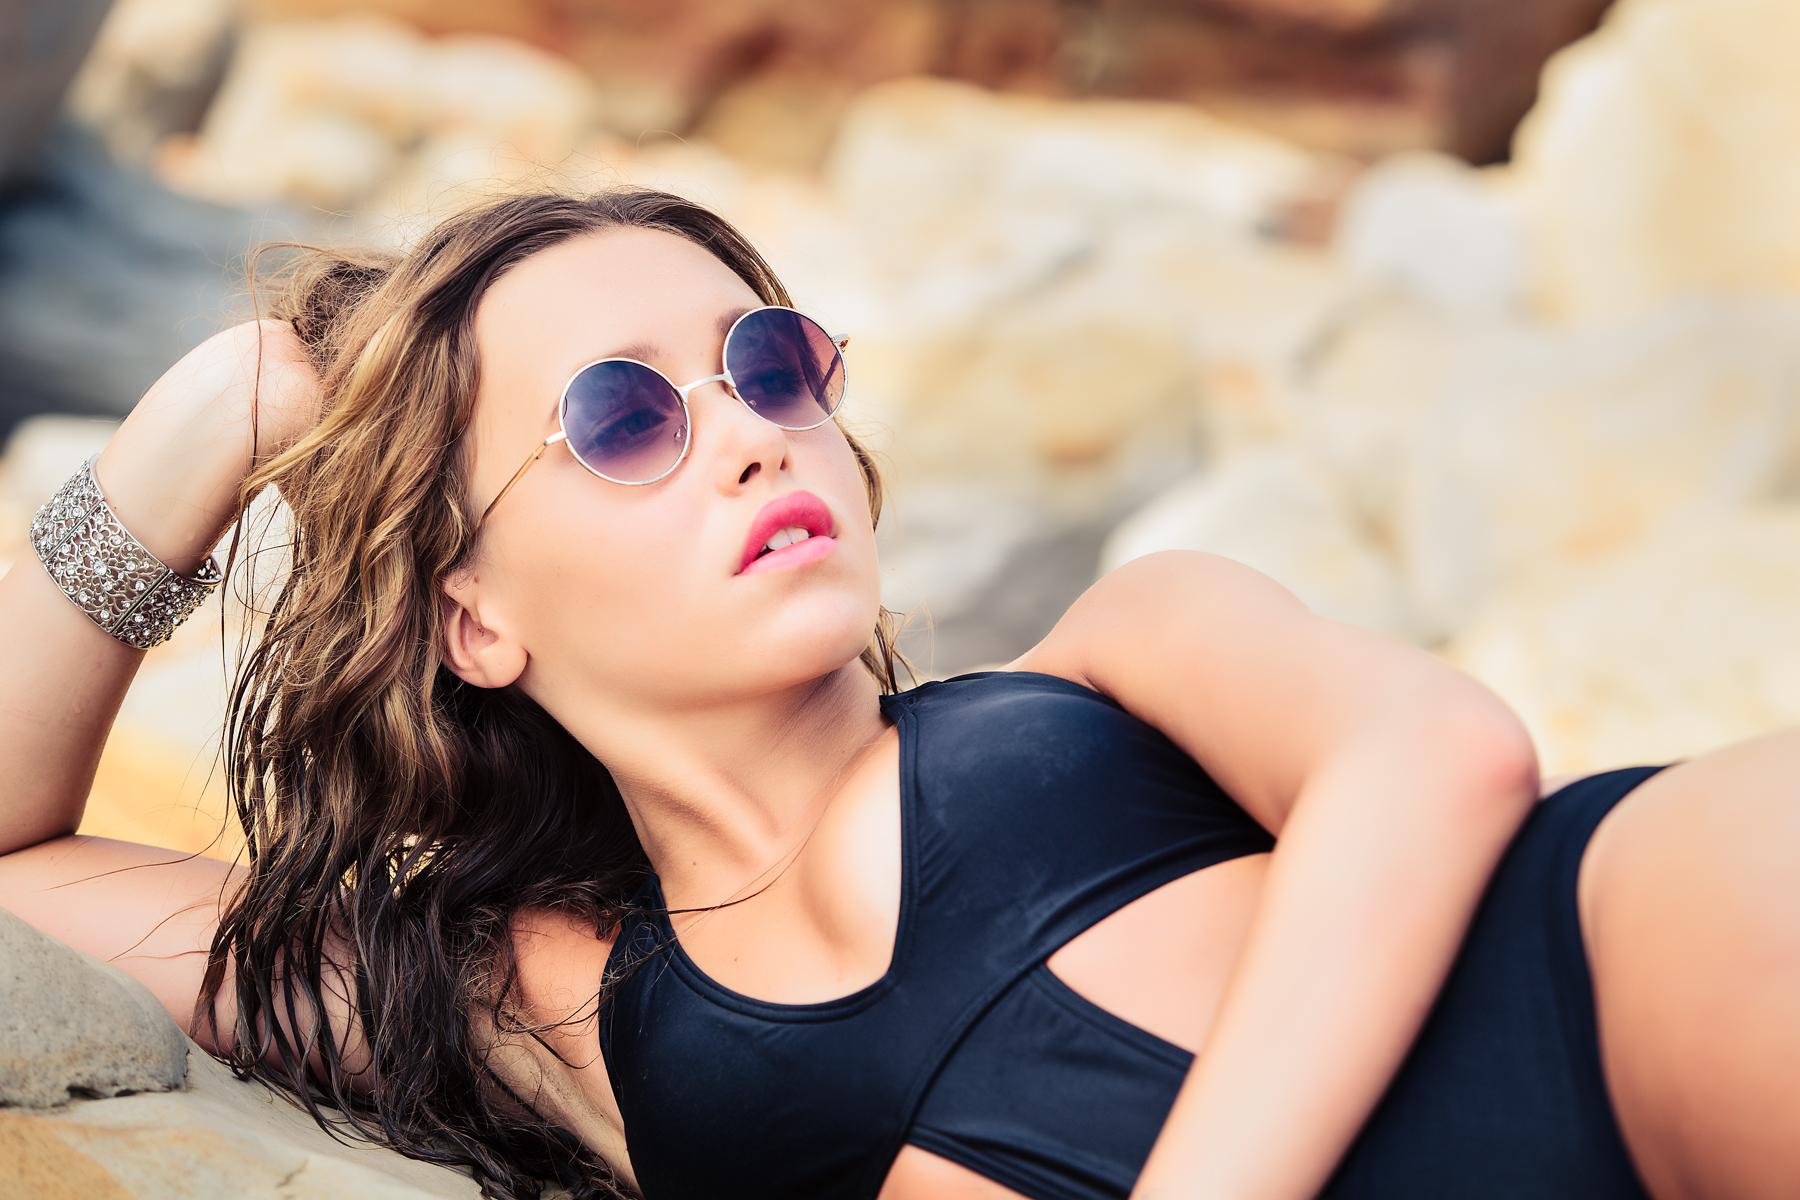 Girl in bikini on a beach